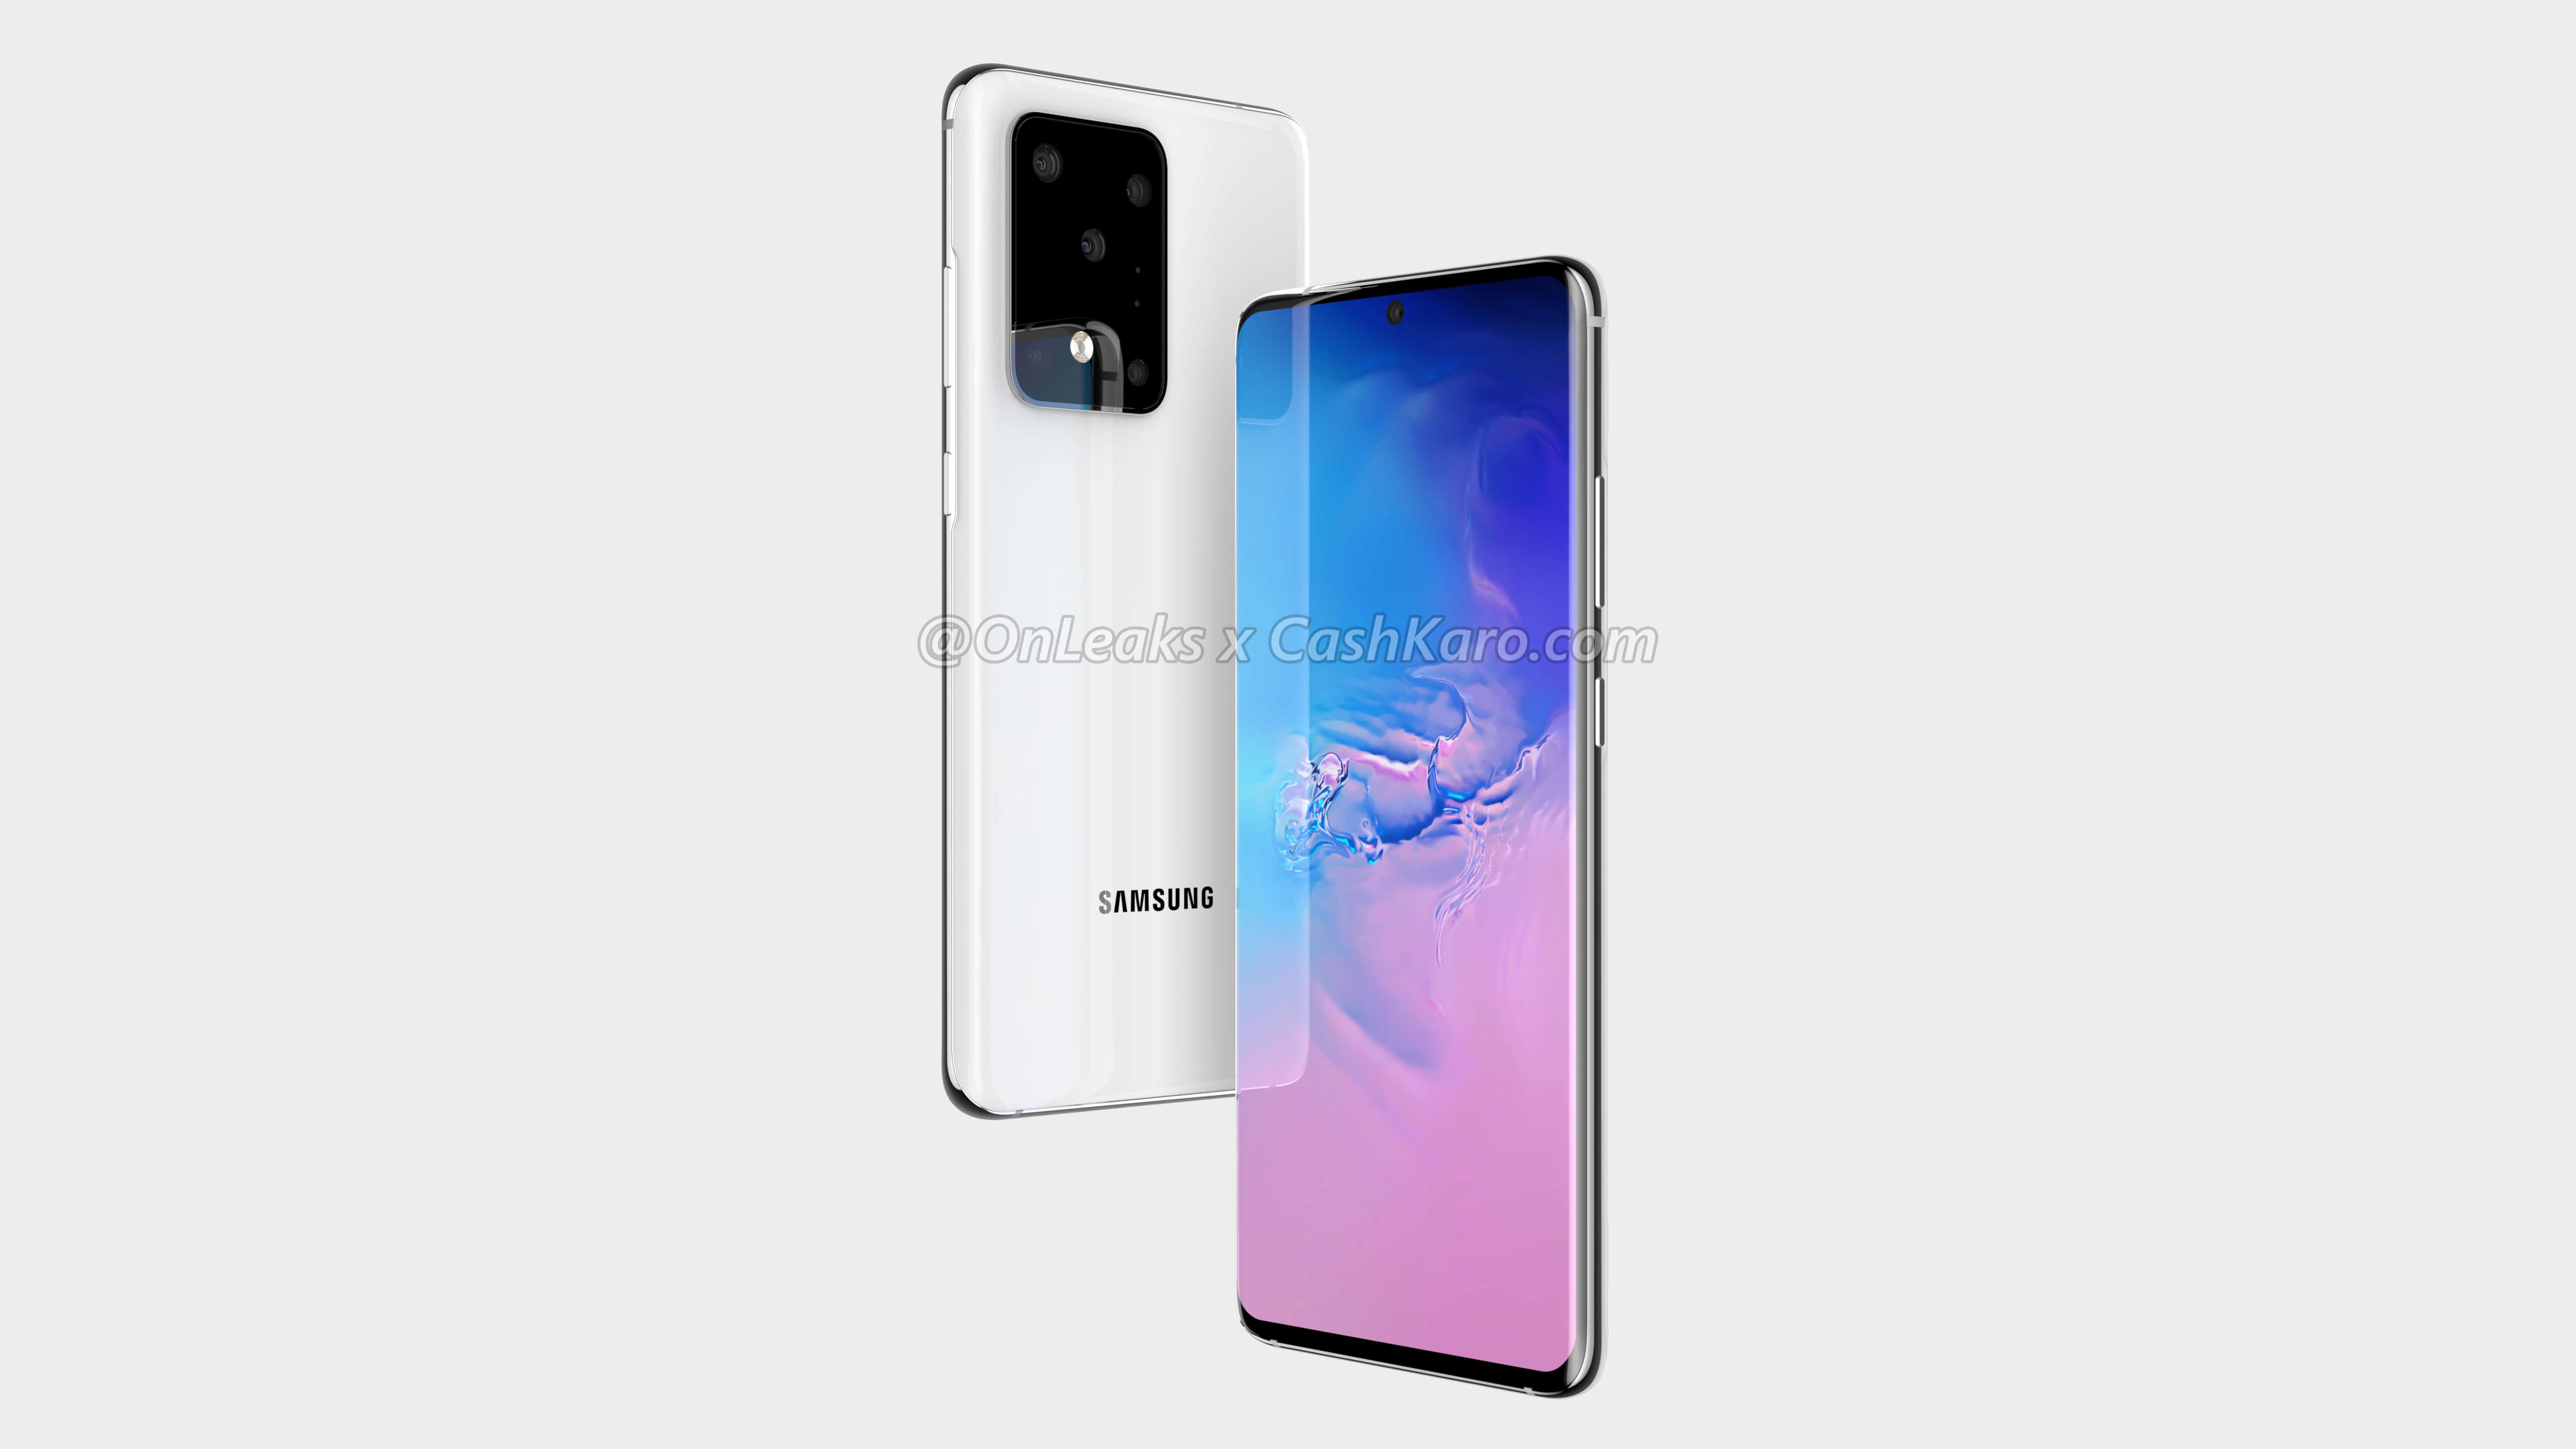 Samsung Galaxy S20, S20+ et S20 Ultra : leurs fiches techniques complètes apparaissent en fuite